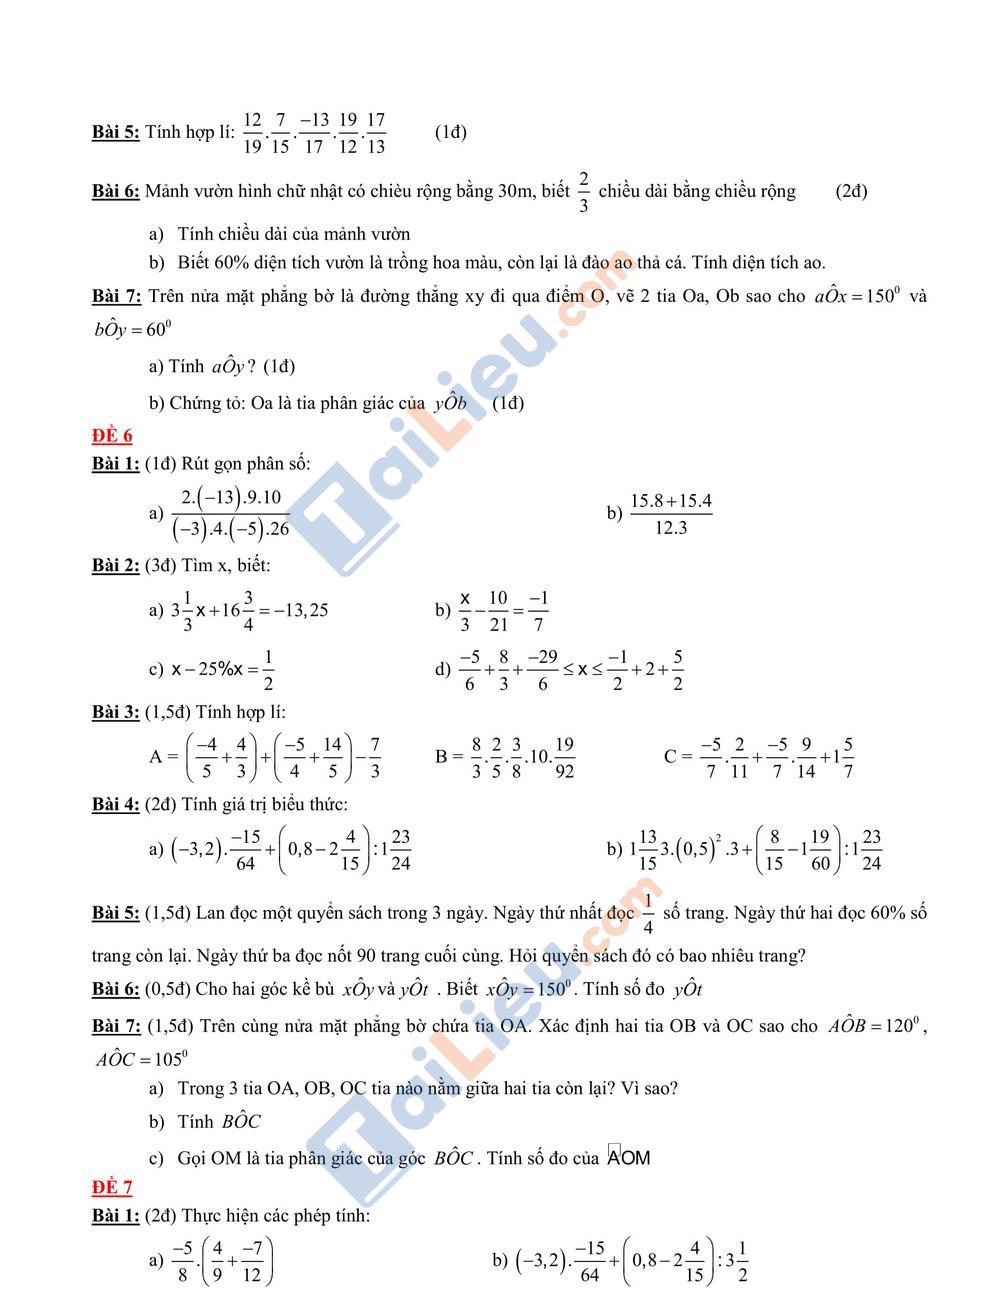 Đề thi học kỳ 2 môn toán lớp 6 2020 mới nhất_3